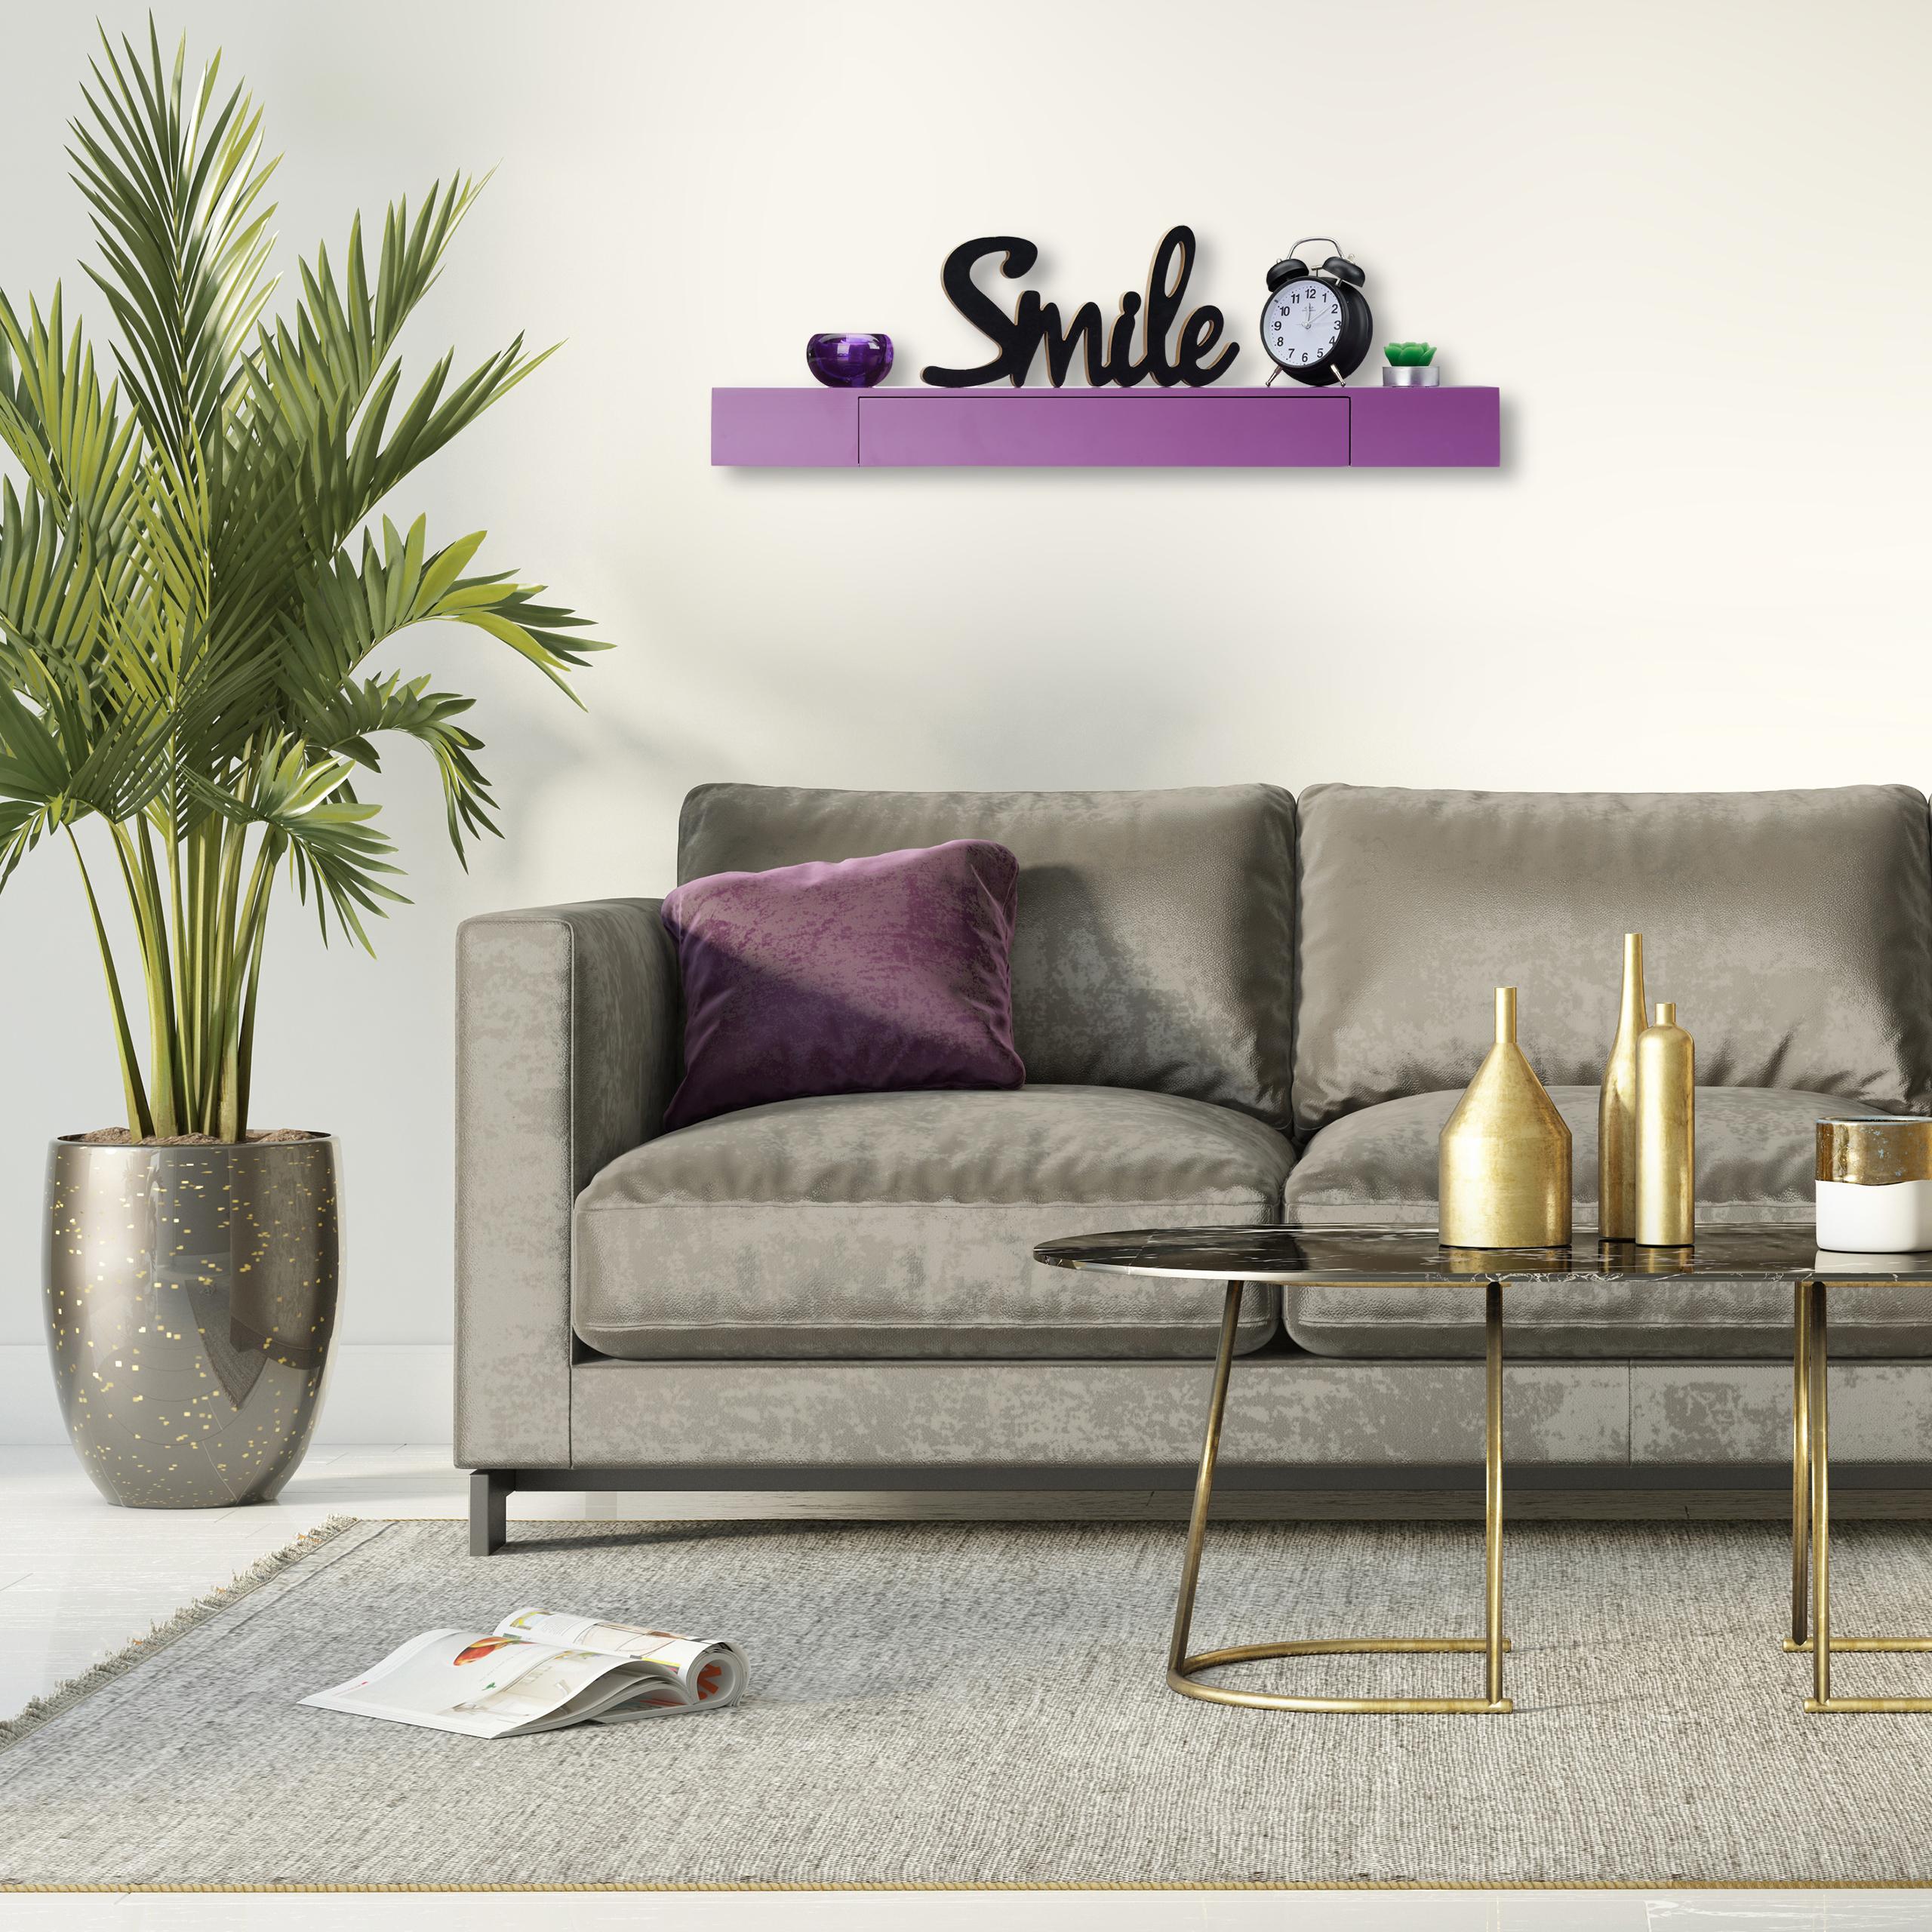 Wandregal-mit-Schublade-freischwebend-Design-Deko-Wohnzimmer-modern-Ablage Indexbild 20